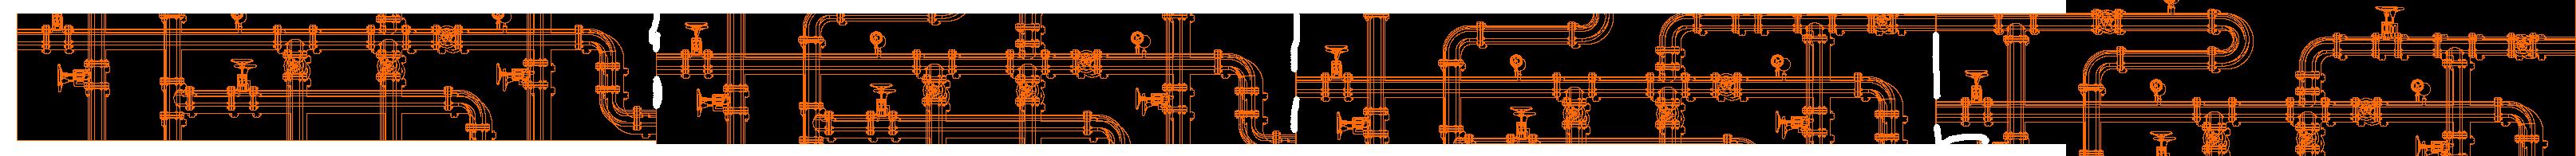 vector tuberias inicio pagina web asetife 2020 02 - Inicio